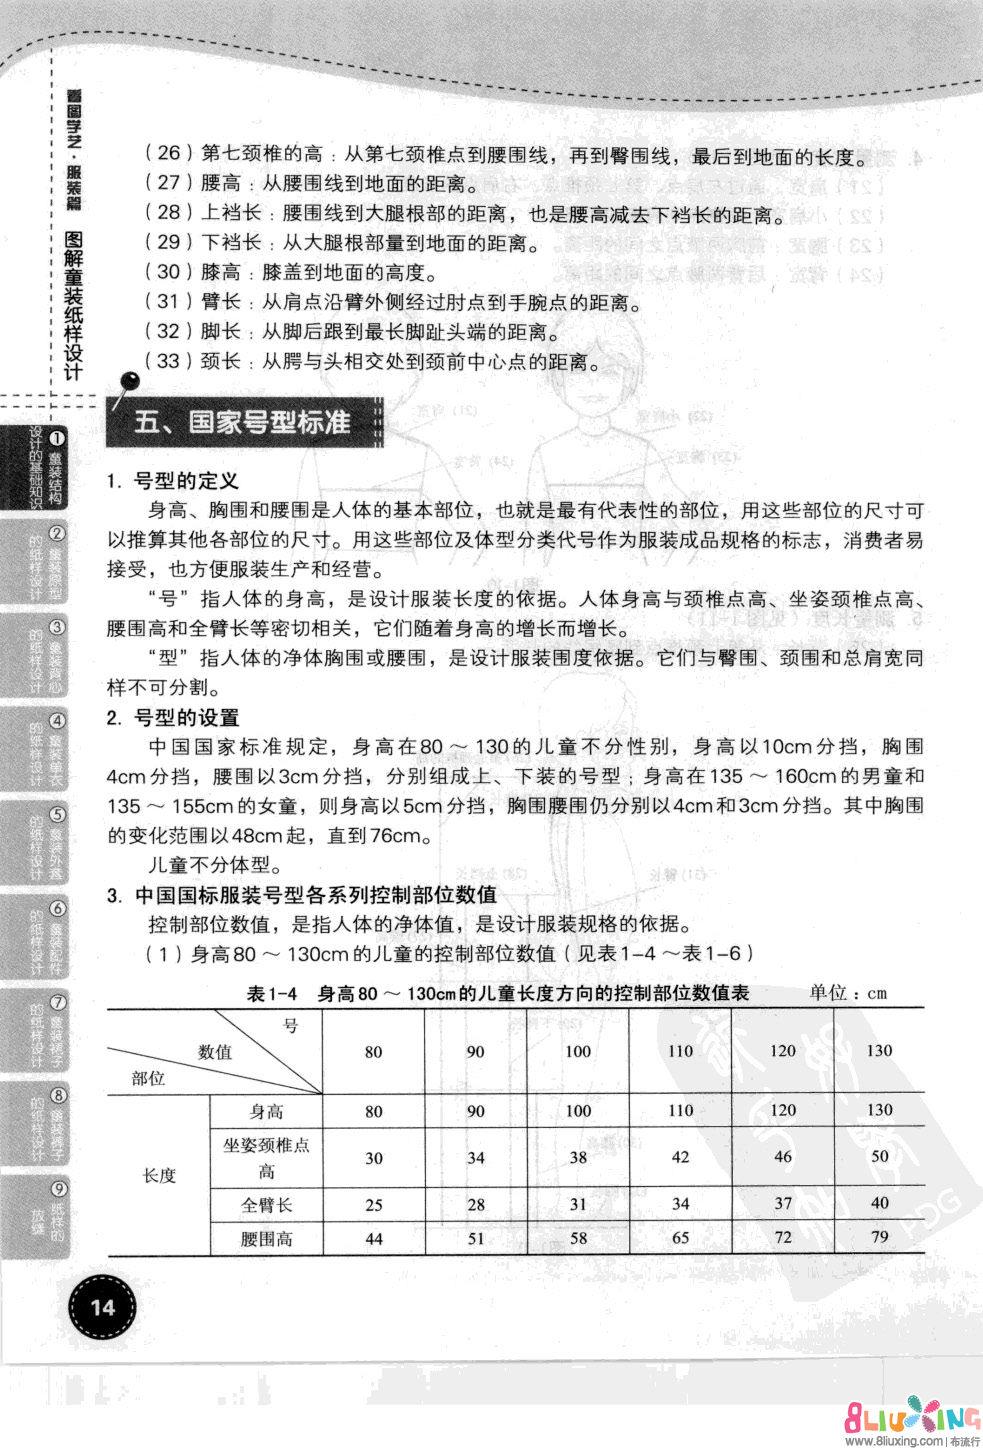 淘宝店名 猫猫服装书籍 图纸专卖店 19 .jpg